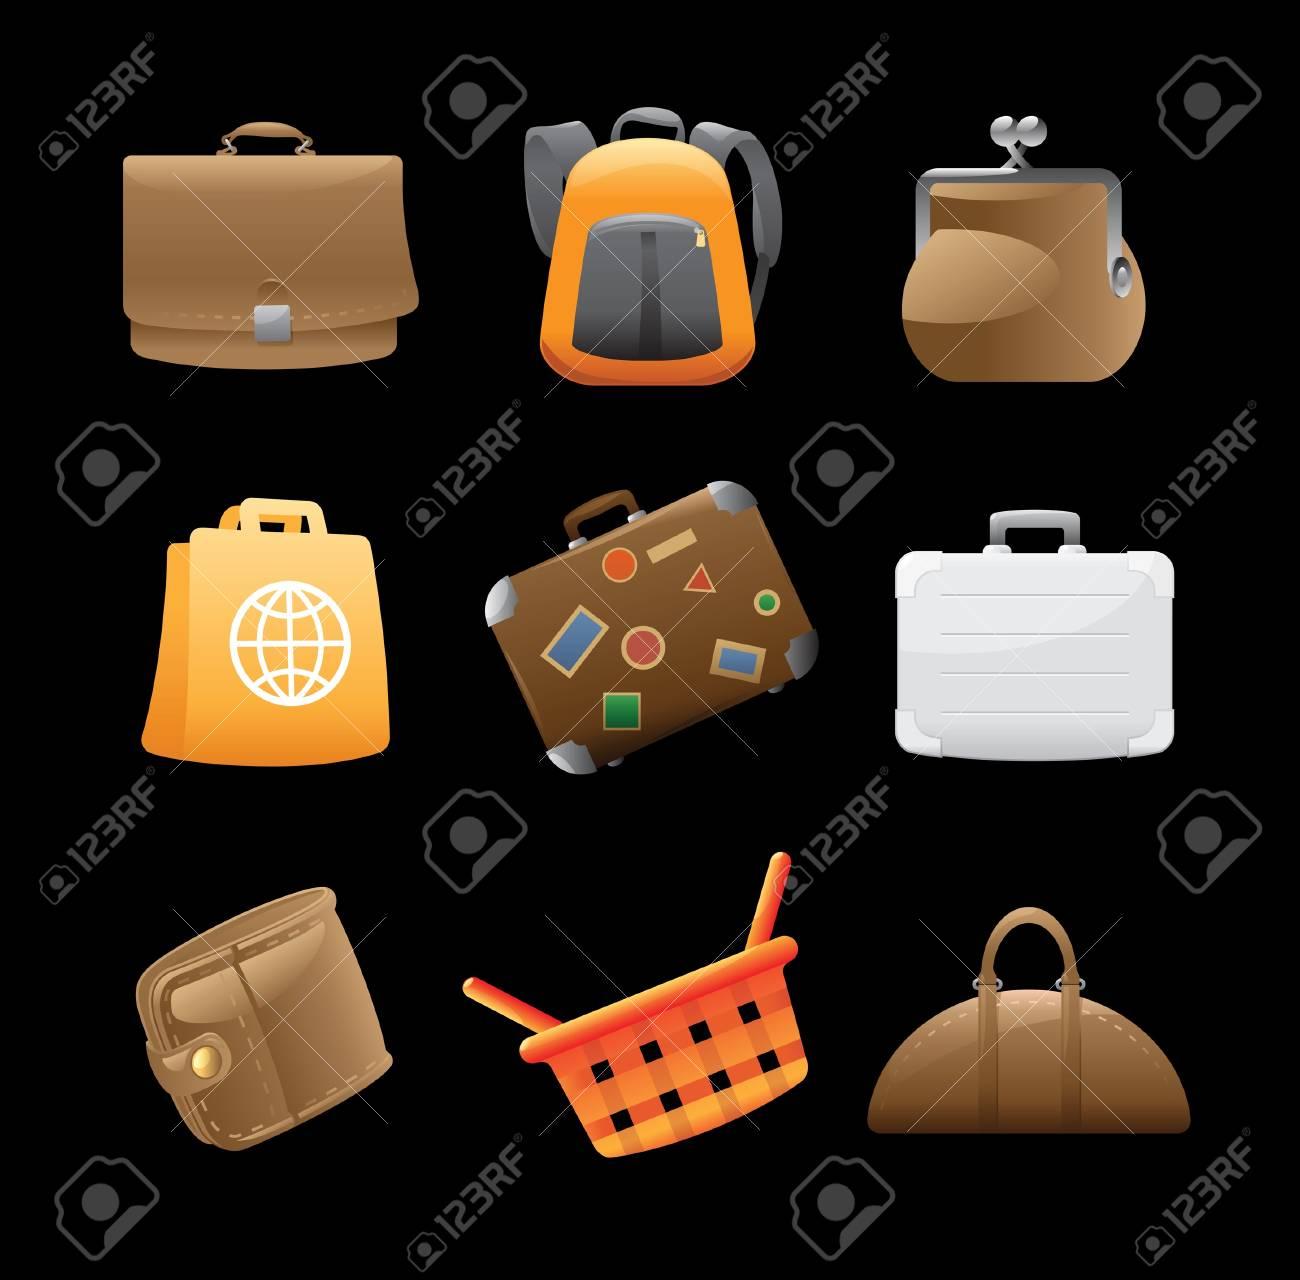 90fc4246bf147 Icons Für Verschiedene Taschen. Lizenzfrei Nutzbare Vektorgrafiken ...